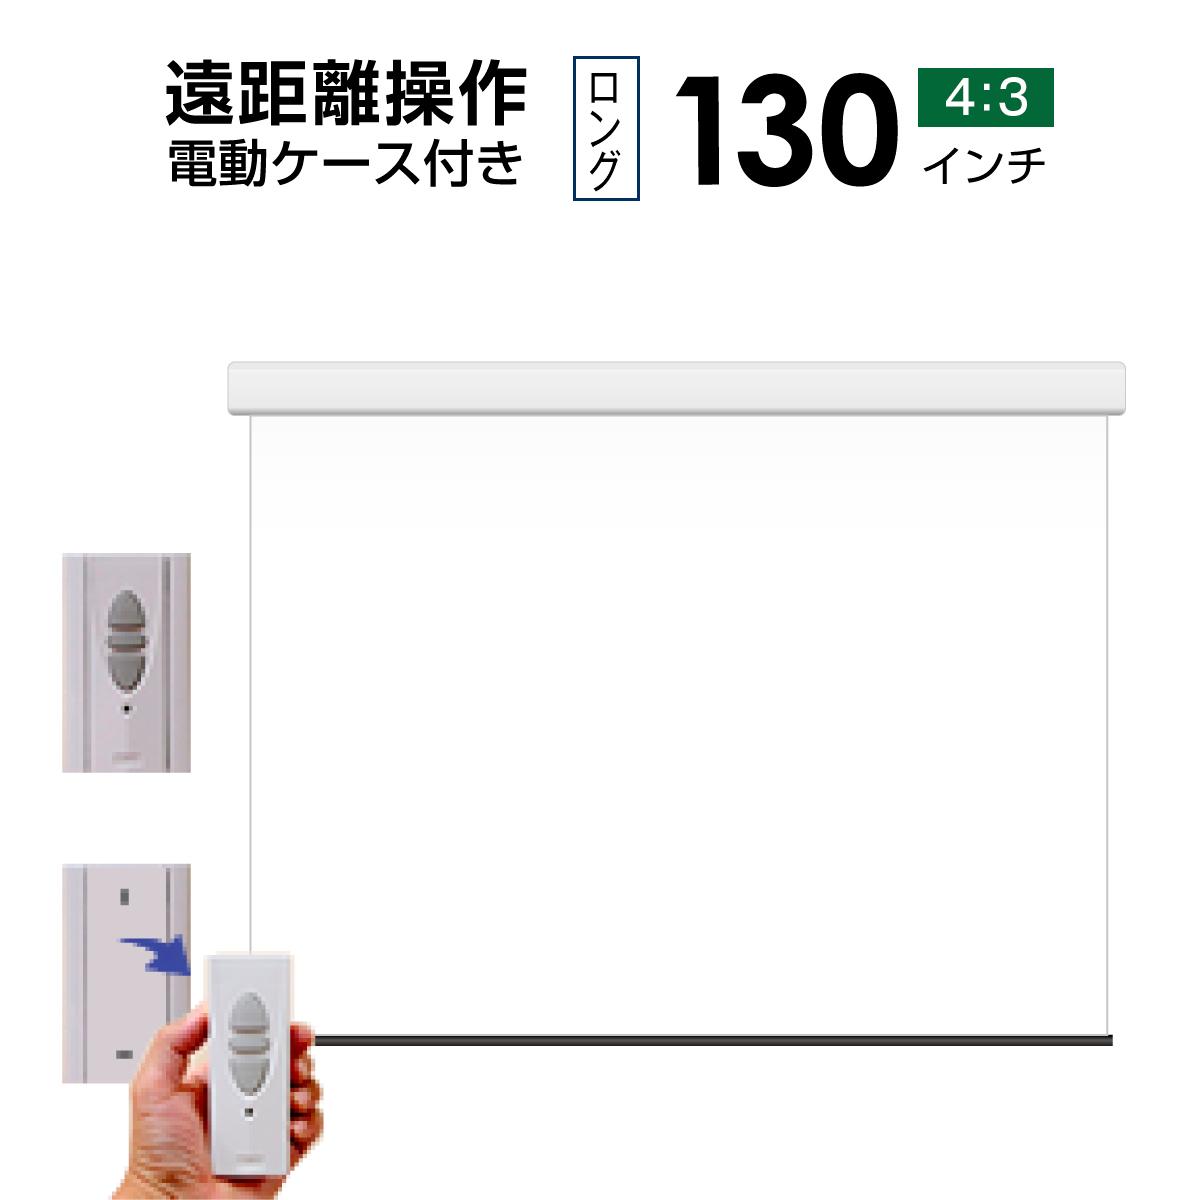 プロジェクタースクリーン 電動遠距離ケース付きタイプ130インチ(4:3) マスクフリー WCR2643FEH-H2500